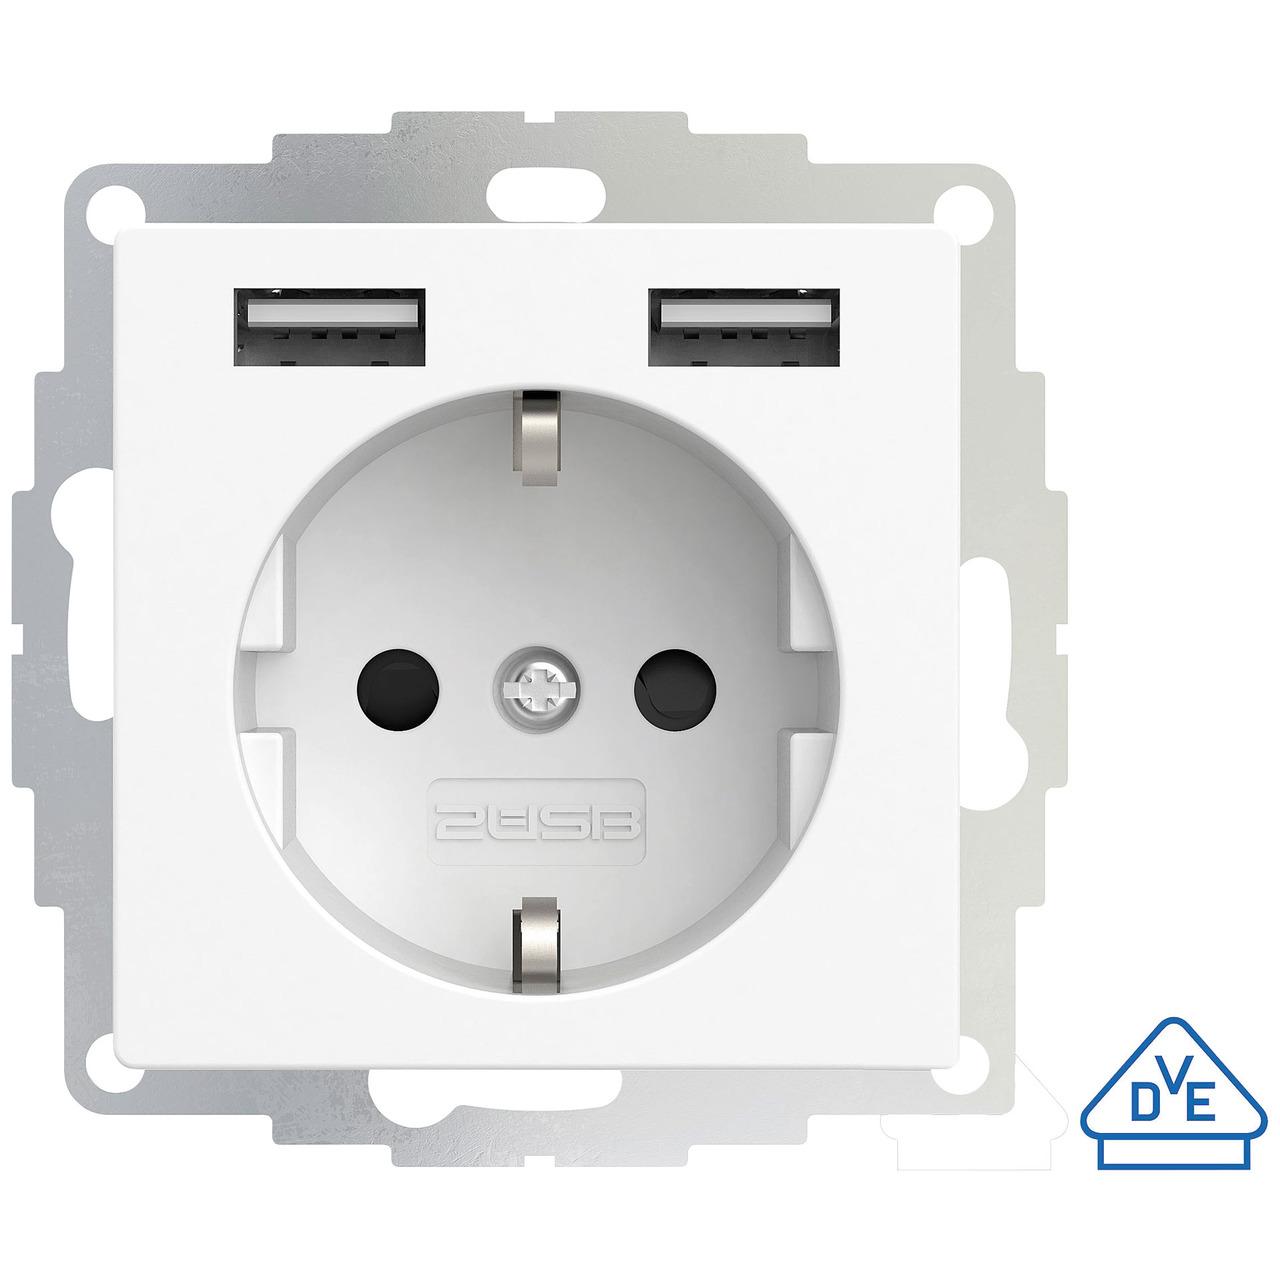 2USB Schutzkontakt-Steckdose mit 2 USB-Ports- reinweiss matt- 55 x 55 mm- VDE zertifiziert